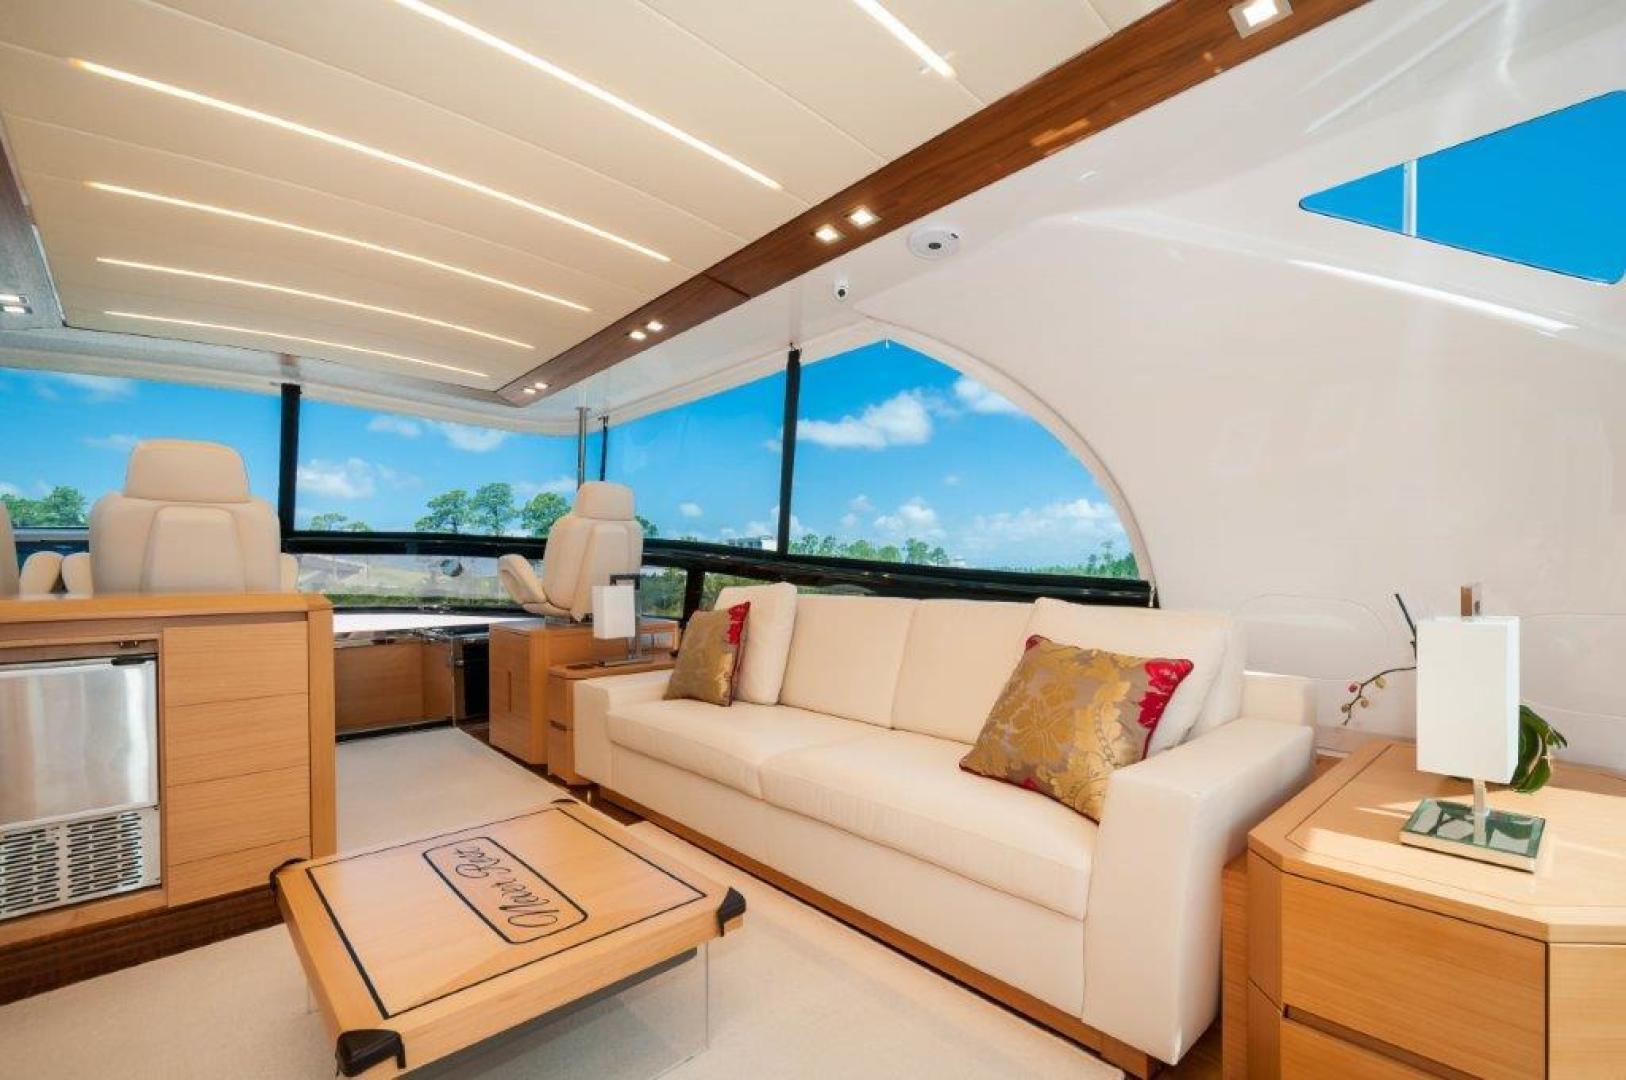 Maiora-84 Motor Yacht 2015-Never Rest SANDESTIN-Florida-United States-2015 Maiora 84 Motor Yacht Flybridge Never Rest-720600 | Thumbnail